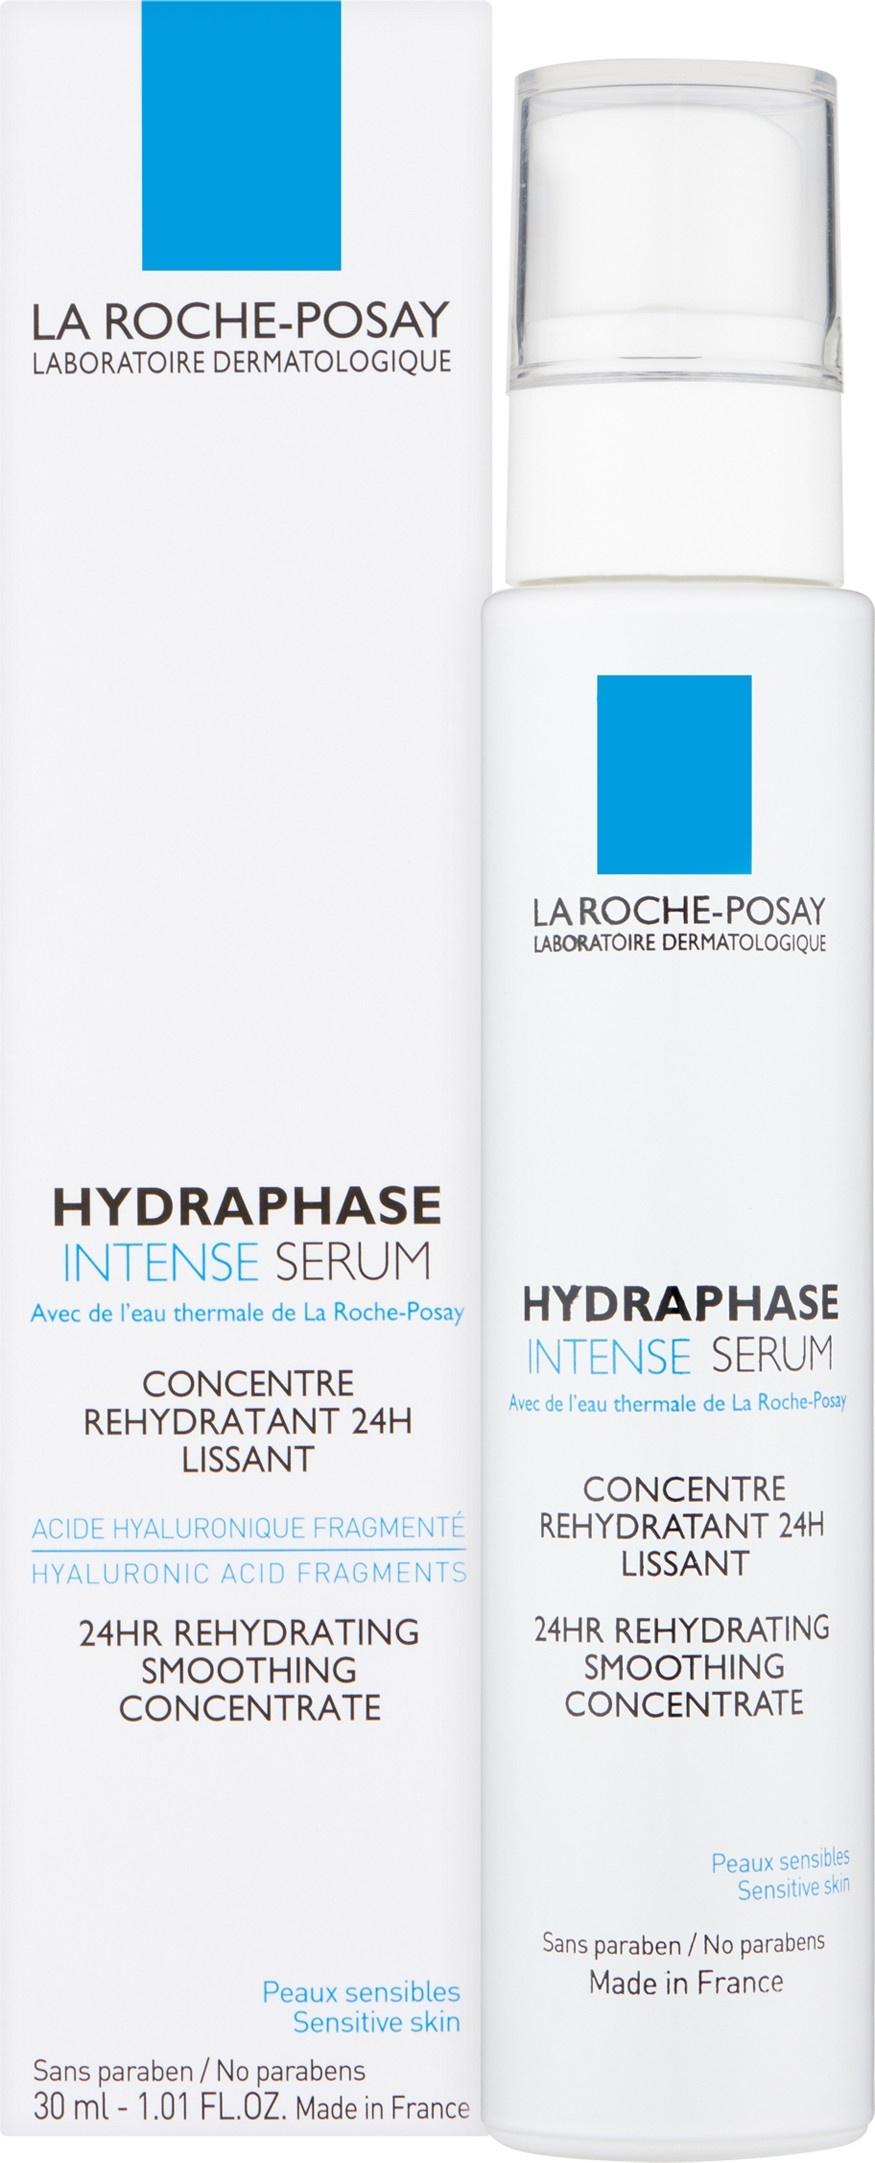 La Roche-Posay Hydraphase Intense Serum 30ml